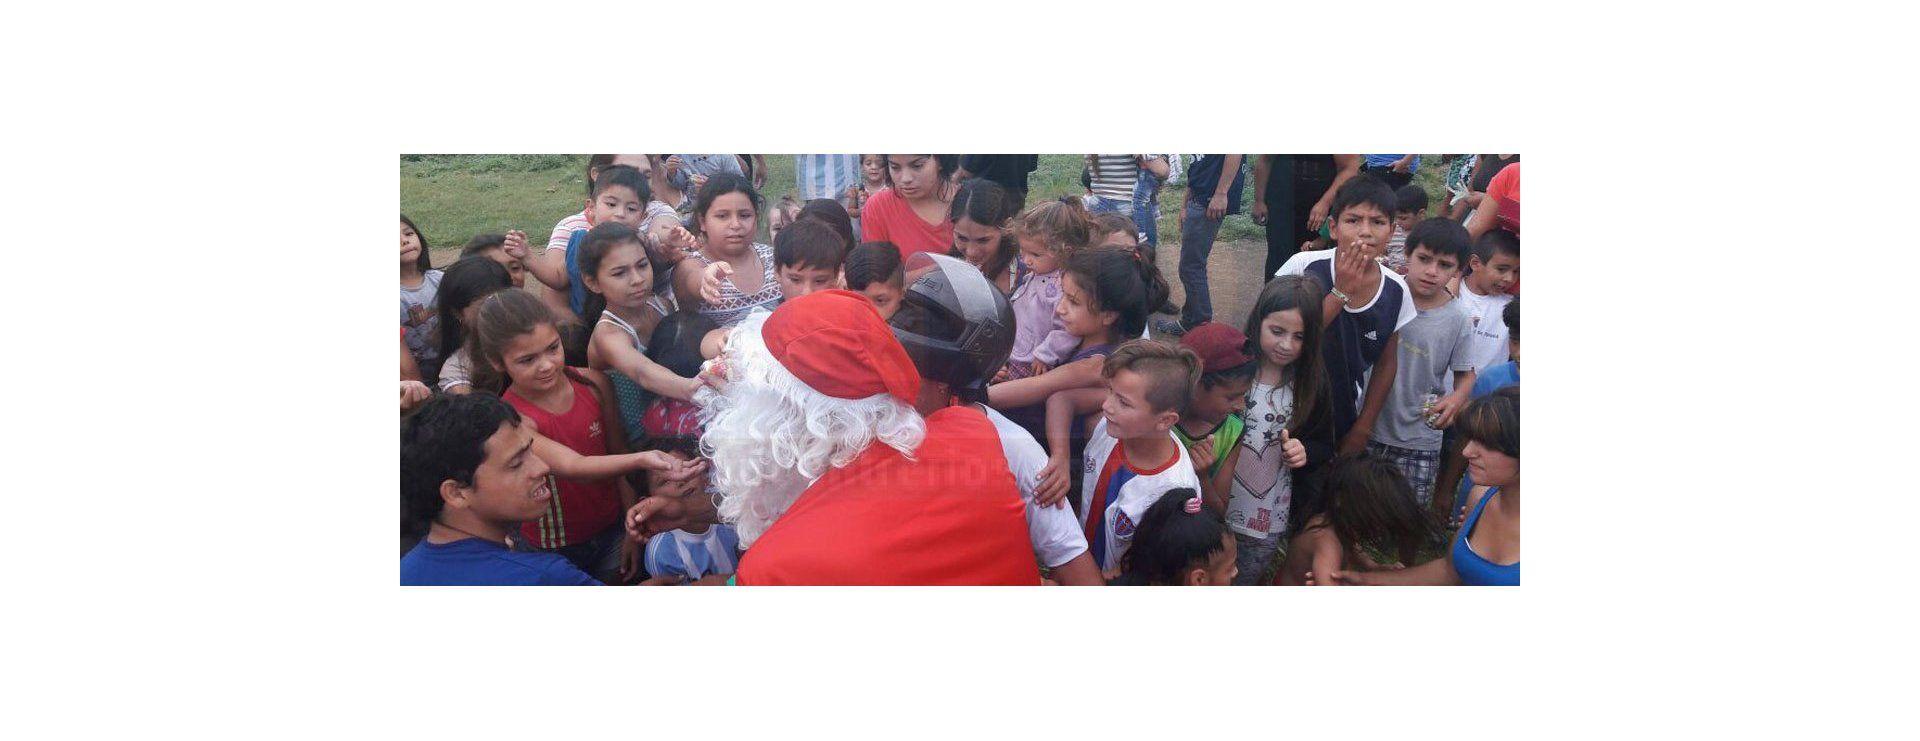 Suma de Voluntades le llevó regalos a chicos del barrio San Martín y Antártida Argentina